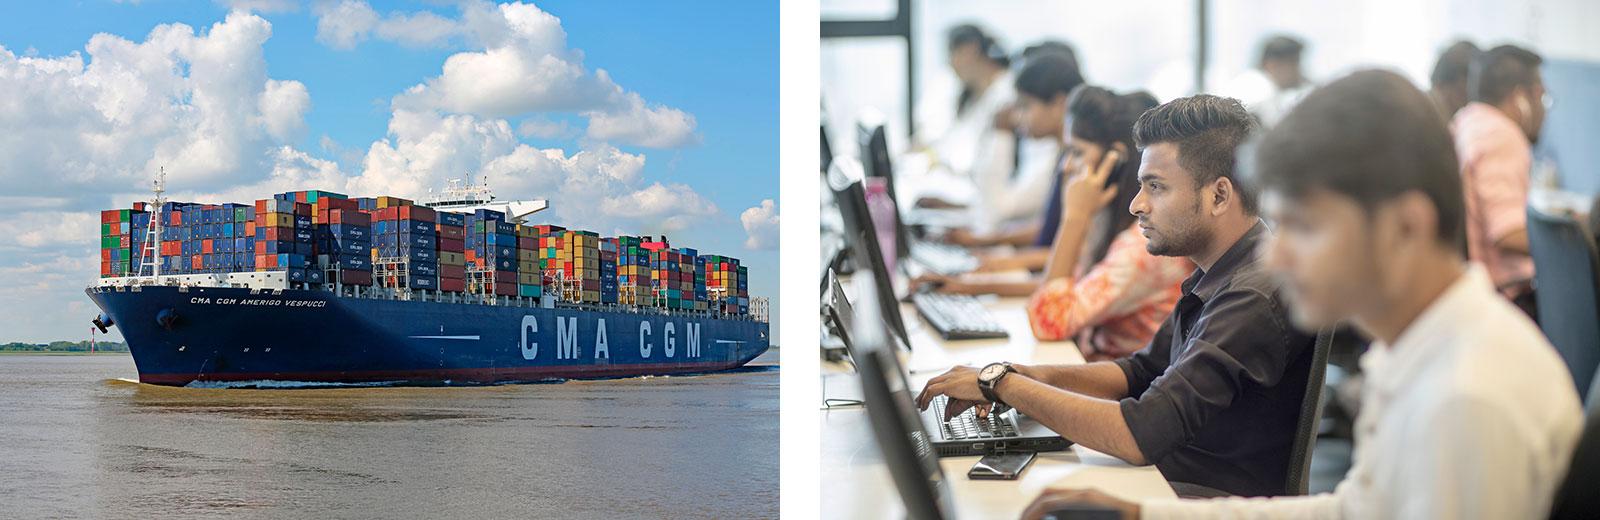 Globalisierte Produktion, Globalisierung von Dienstleistungen